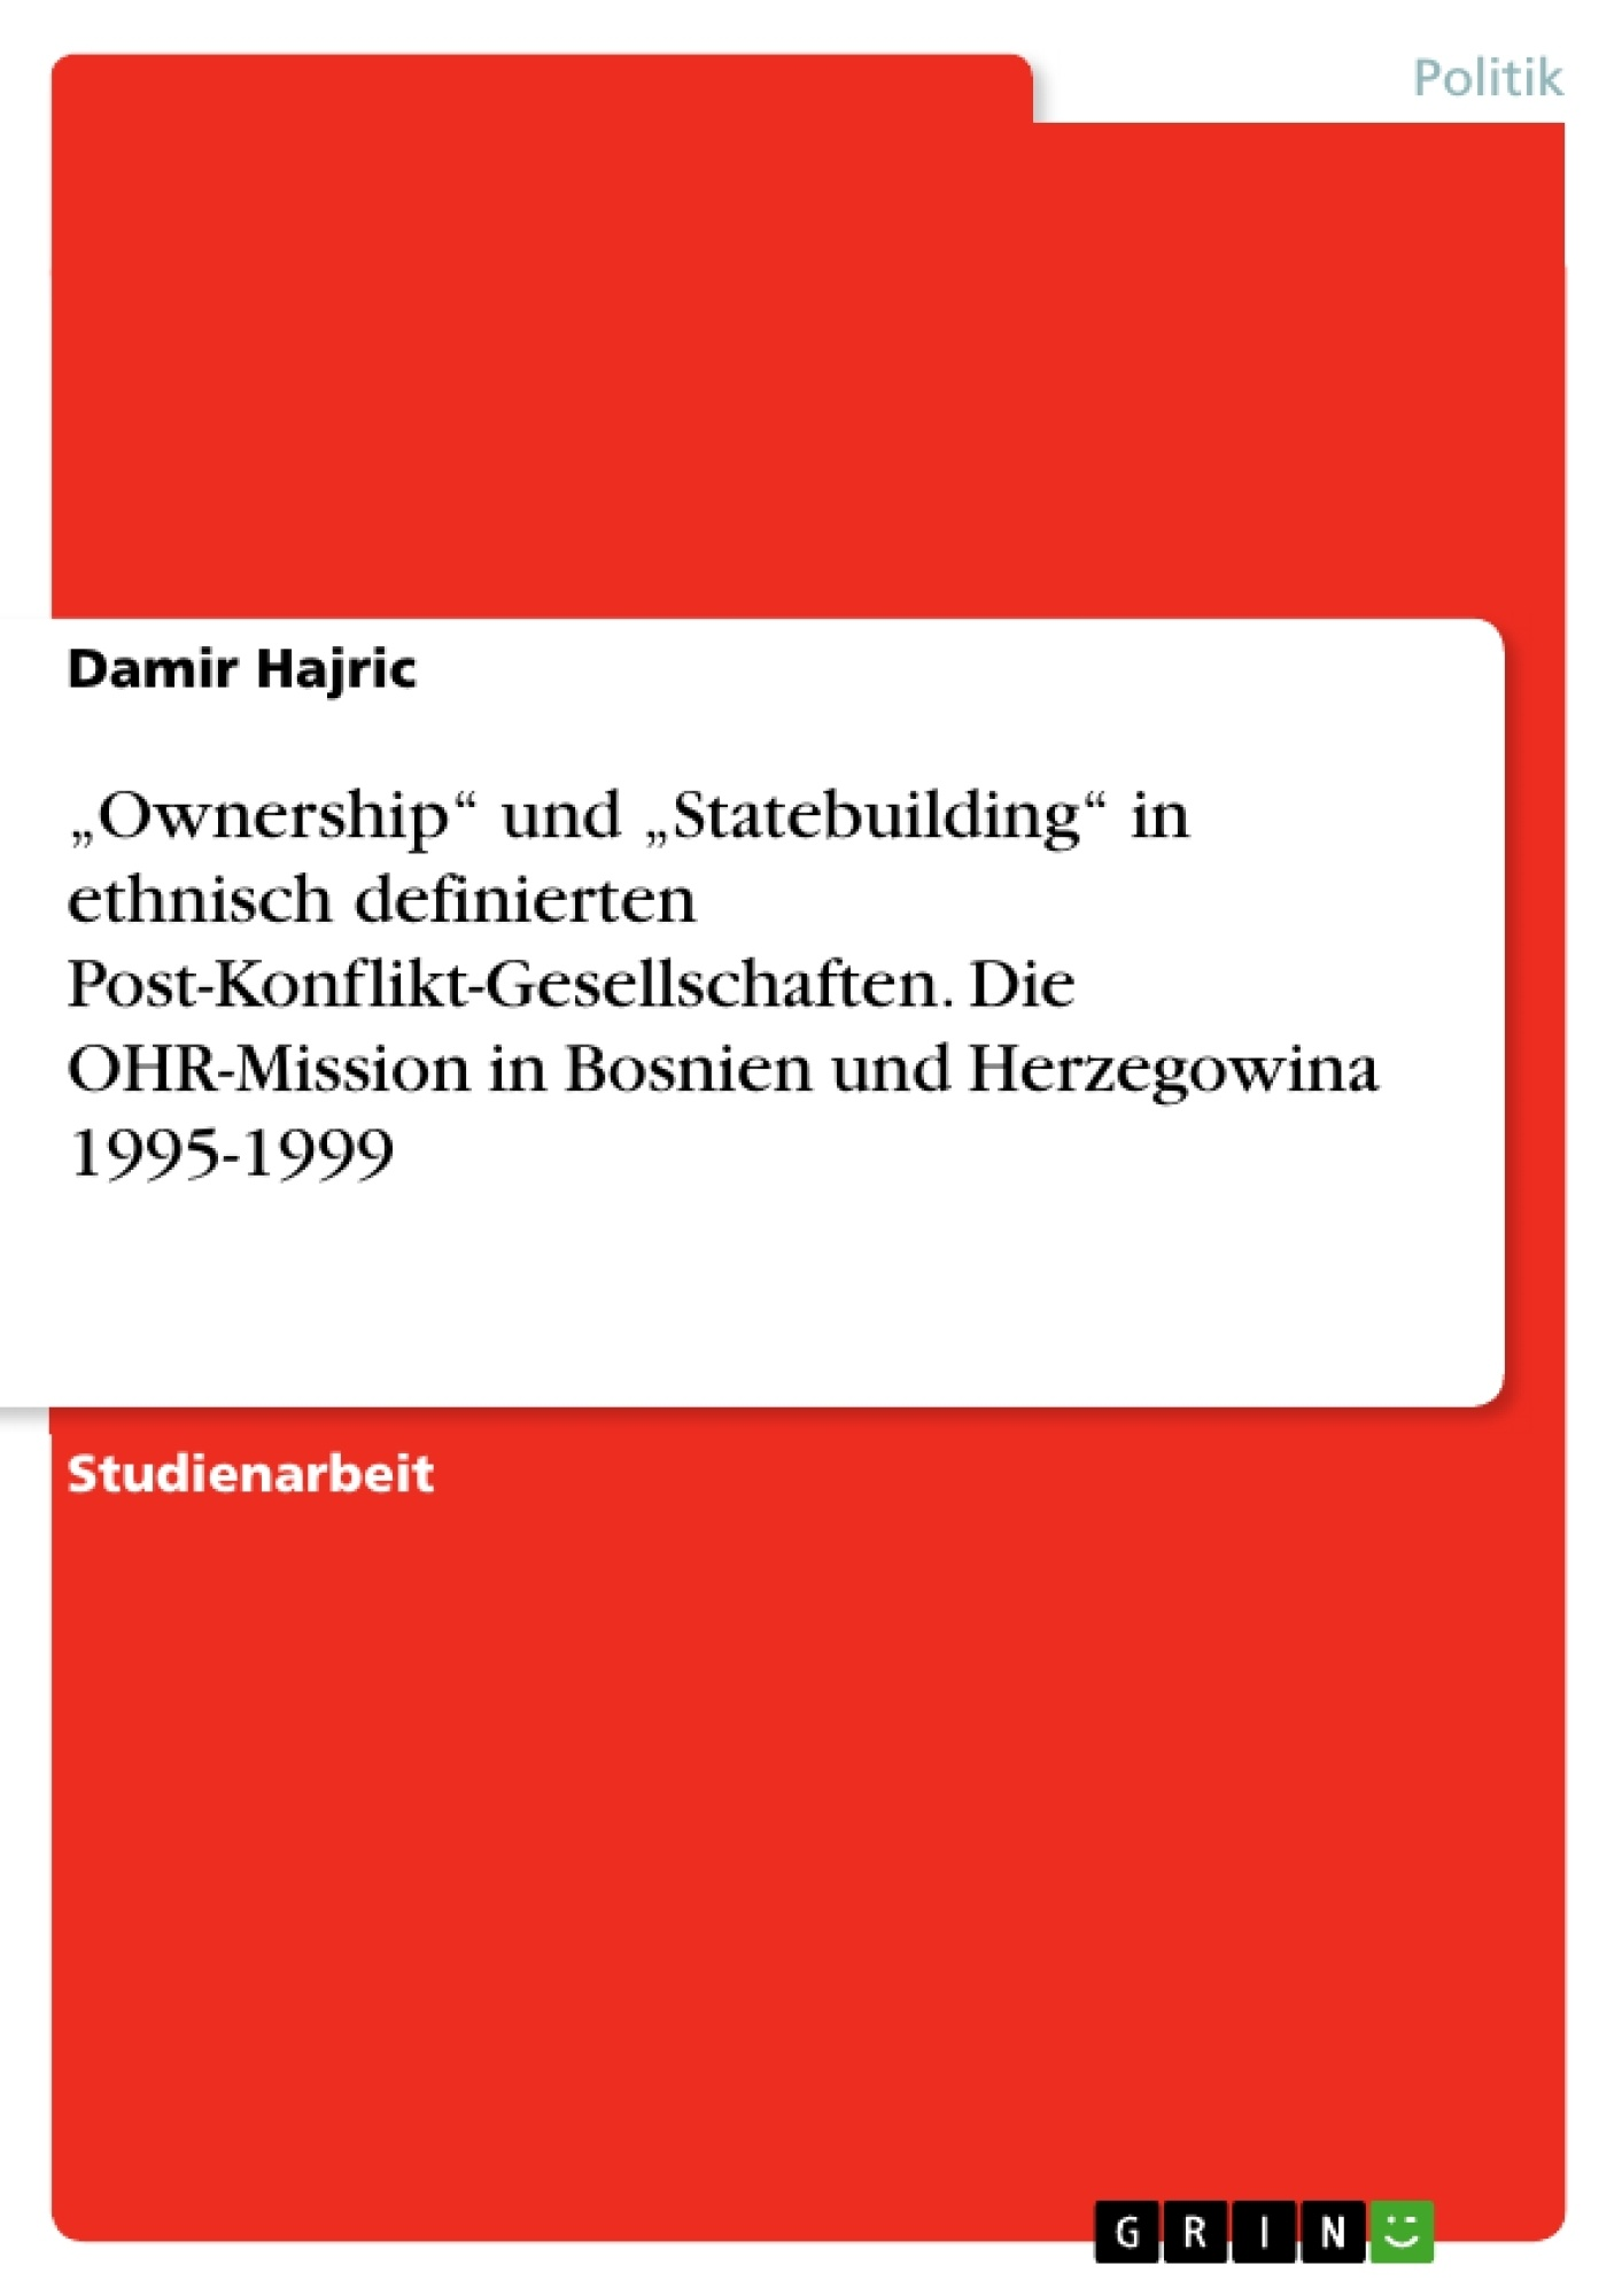 """Titel: """"Ownership"""" und """"Statebuilding"""" in ethnisch definierten Post-Konflikt-Gesellschaften. Die OHR-Mission in Bosnien und Herzegowina 1995-1999"""